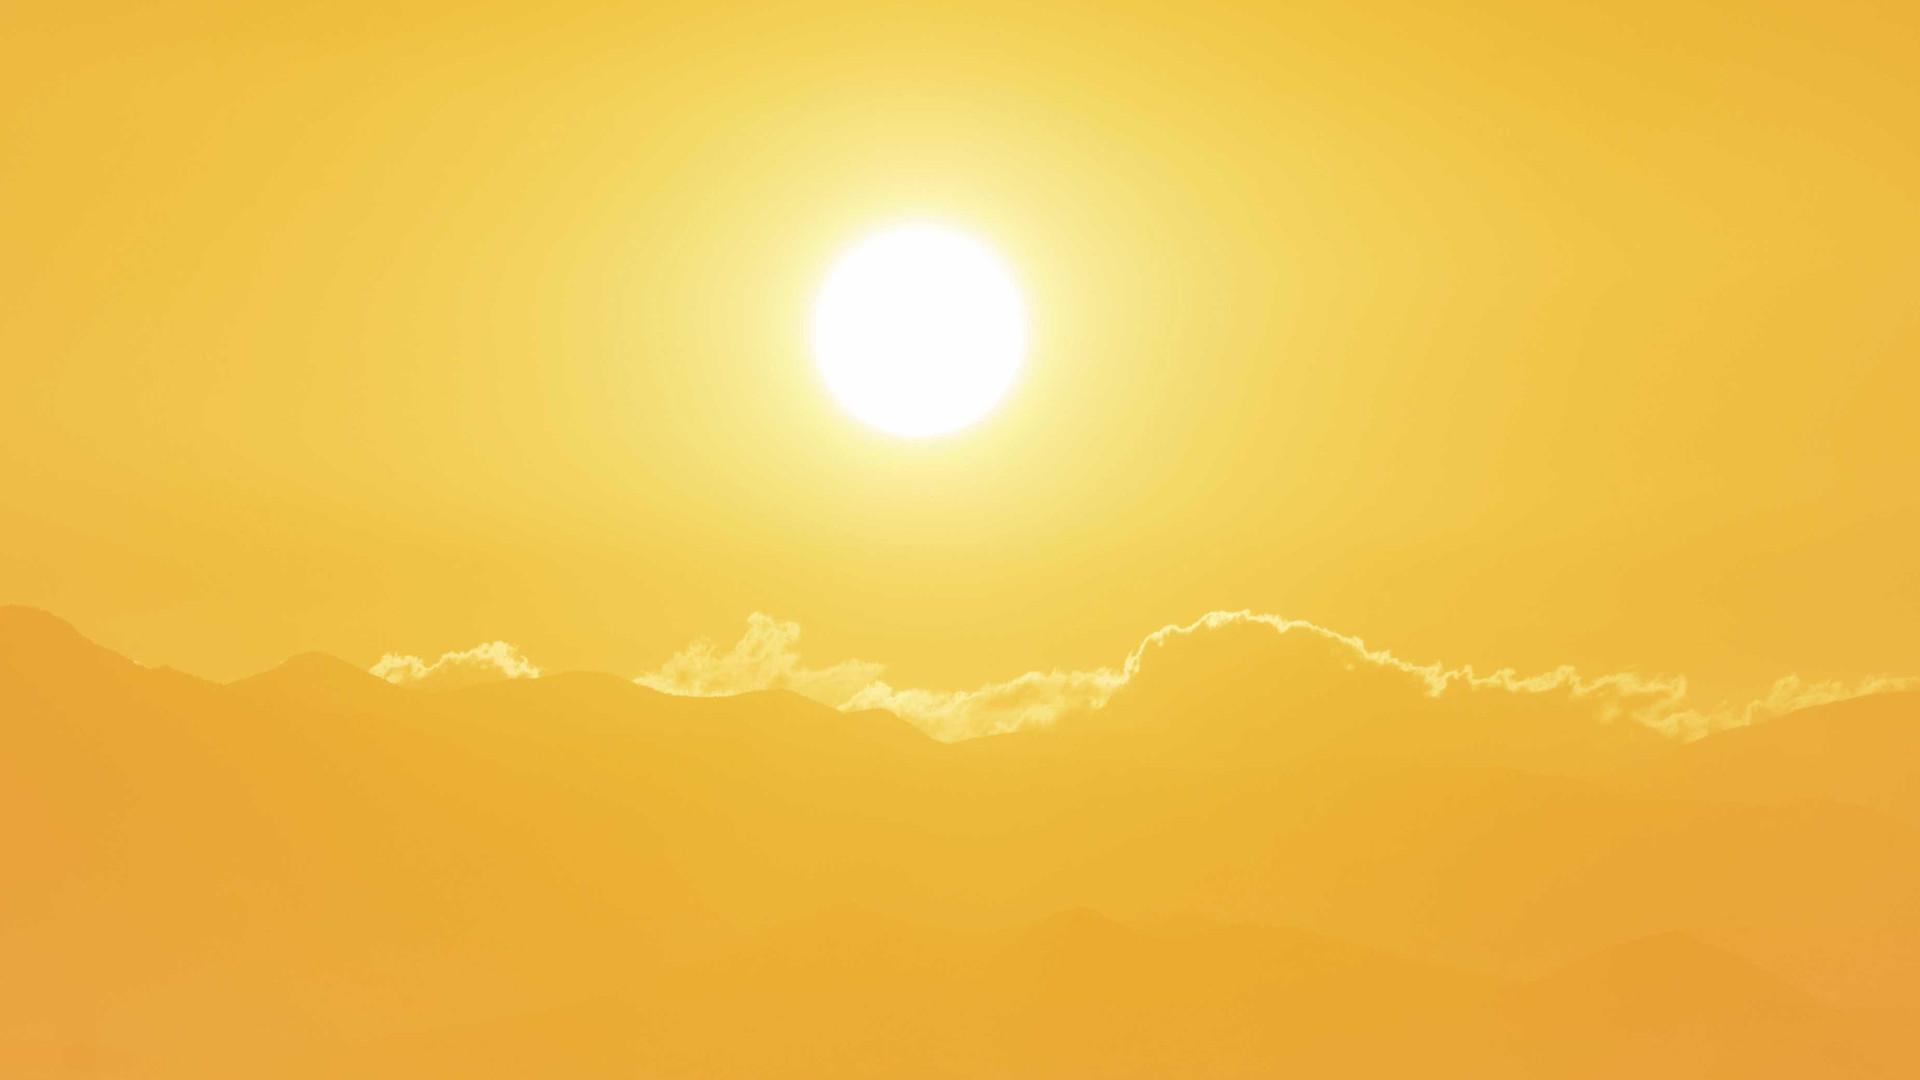 Nove mortes devido a vaga de calor em Espanha